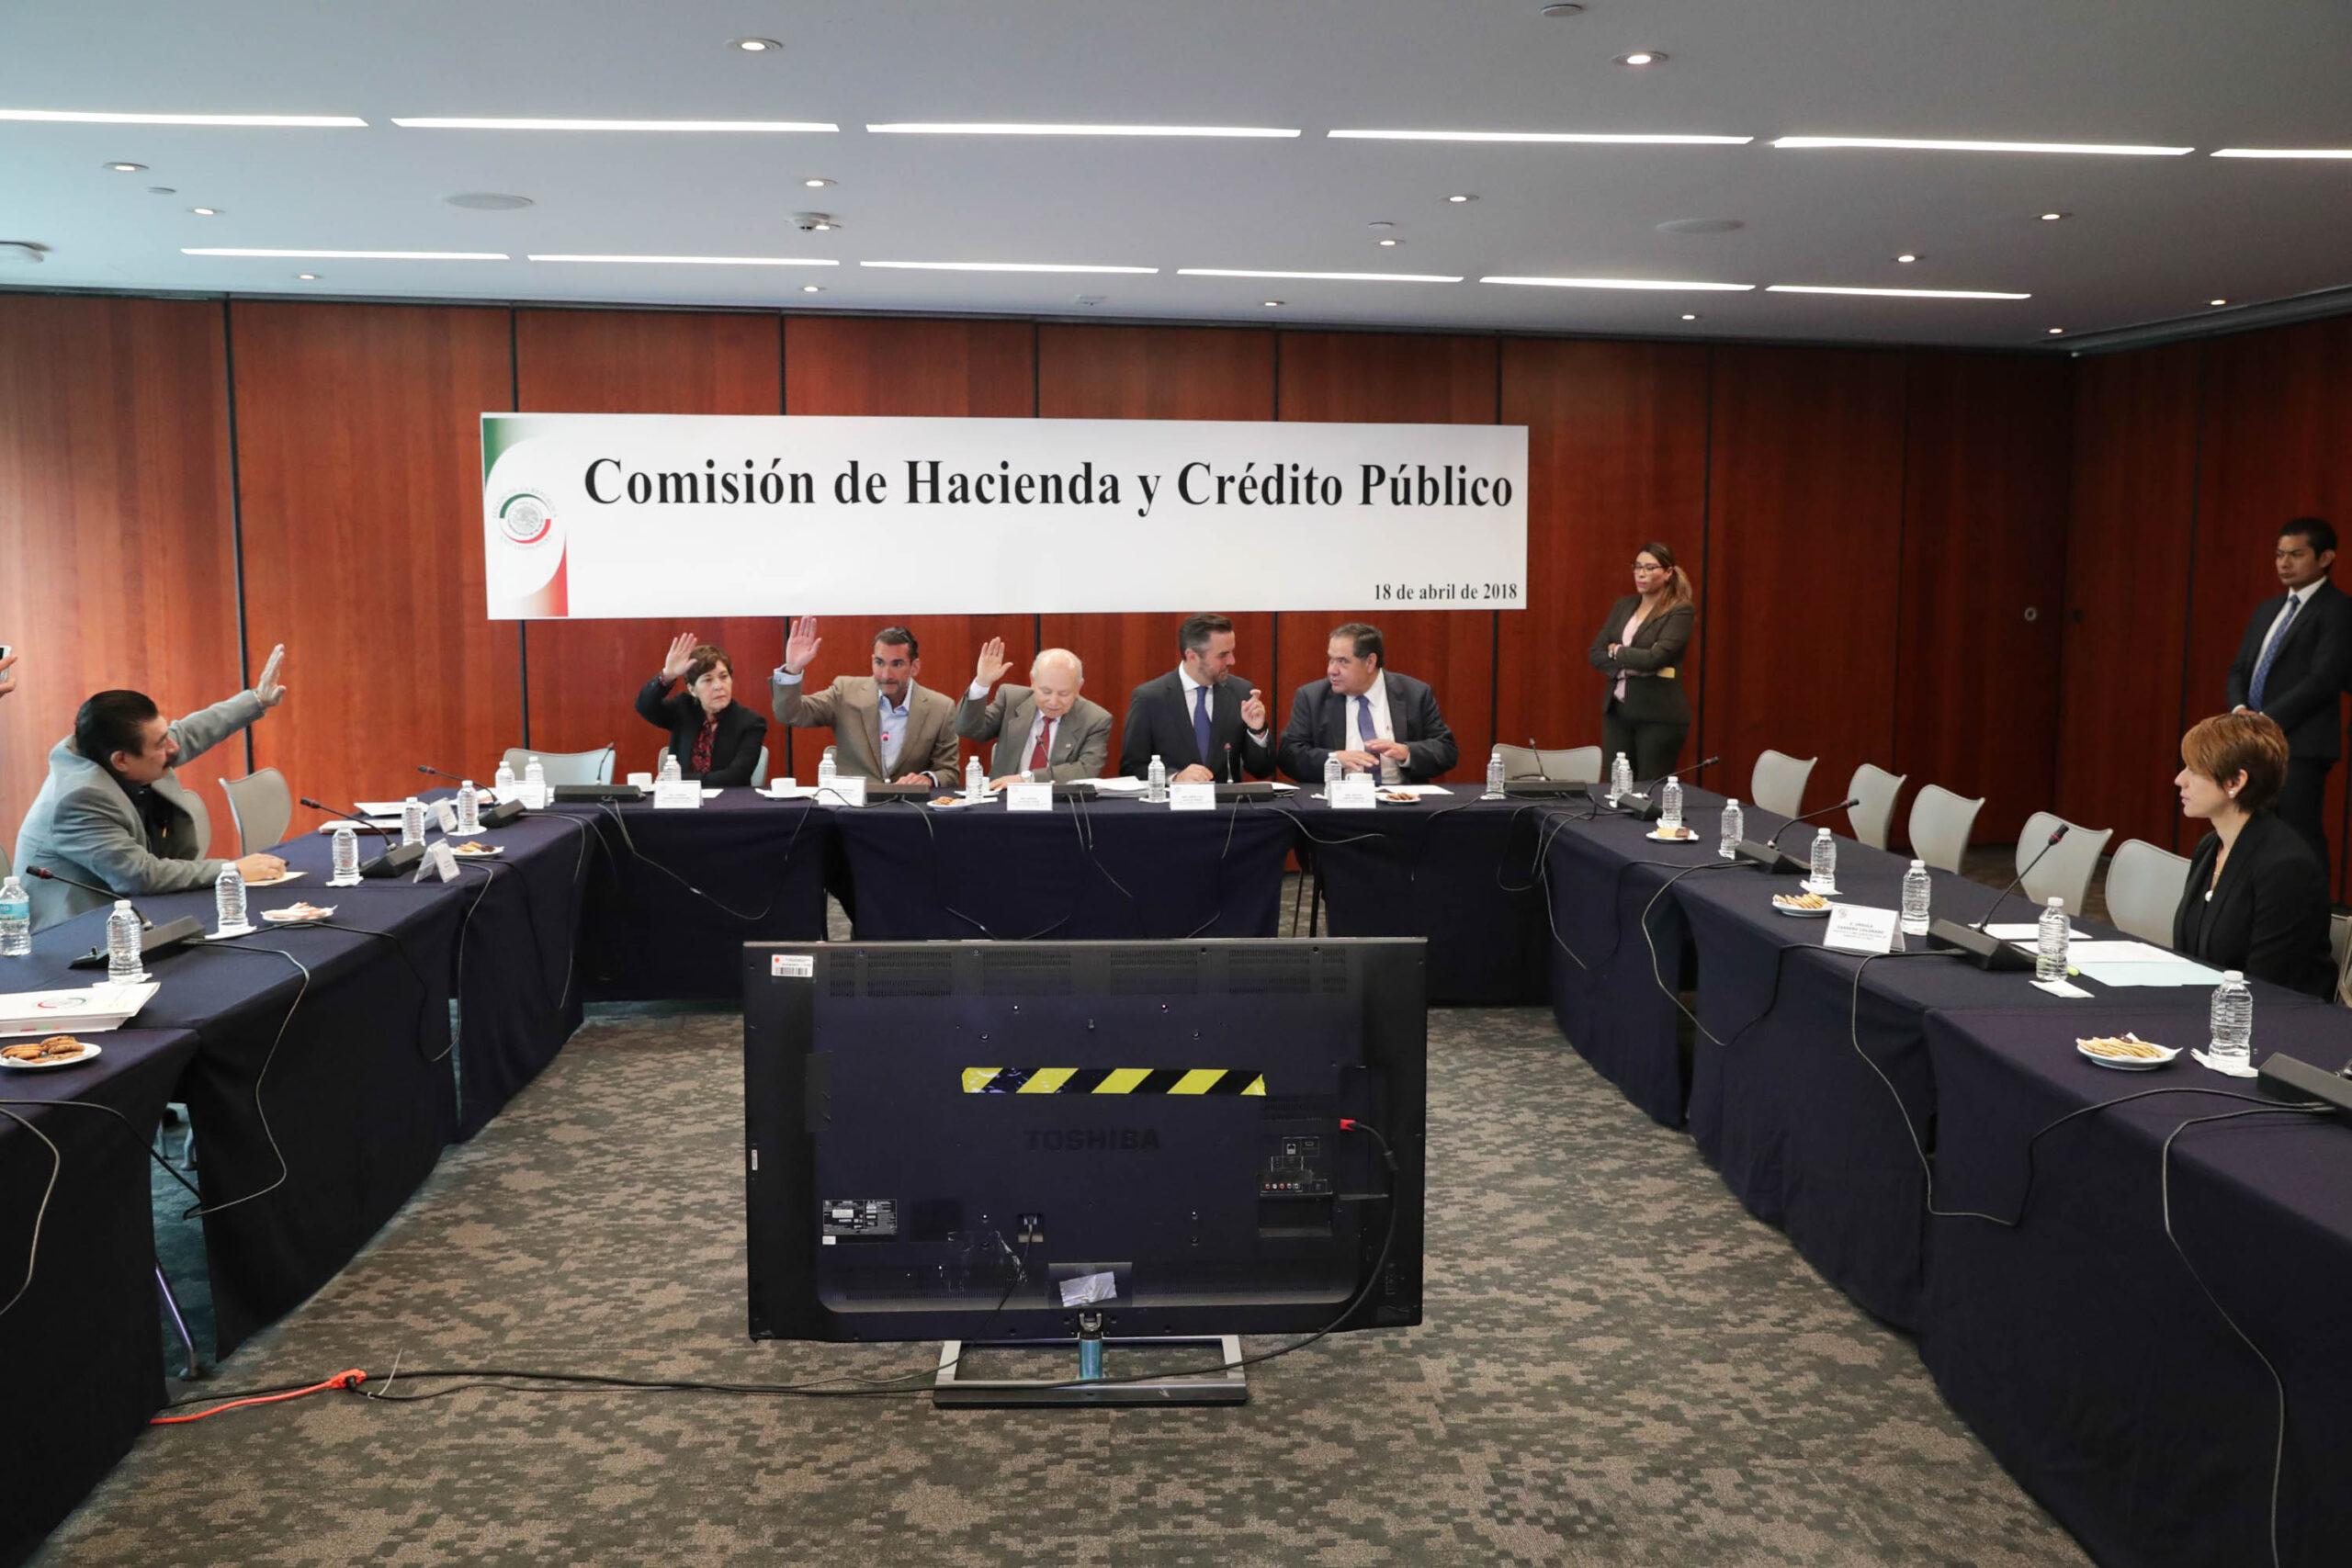 180418_comparecencia_com_de_hacienda-2